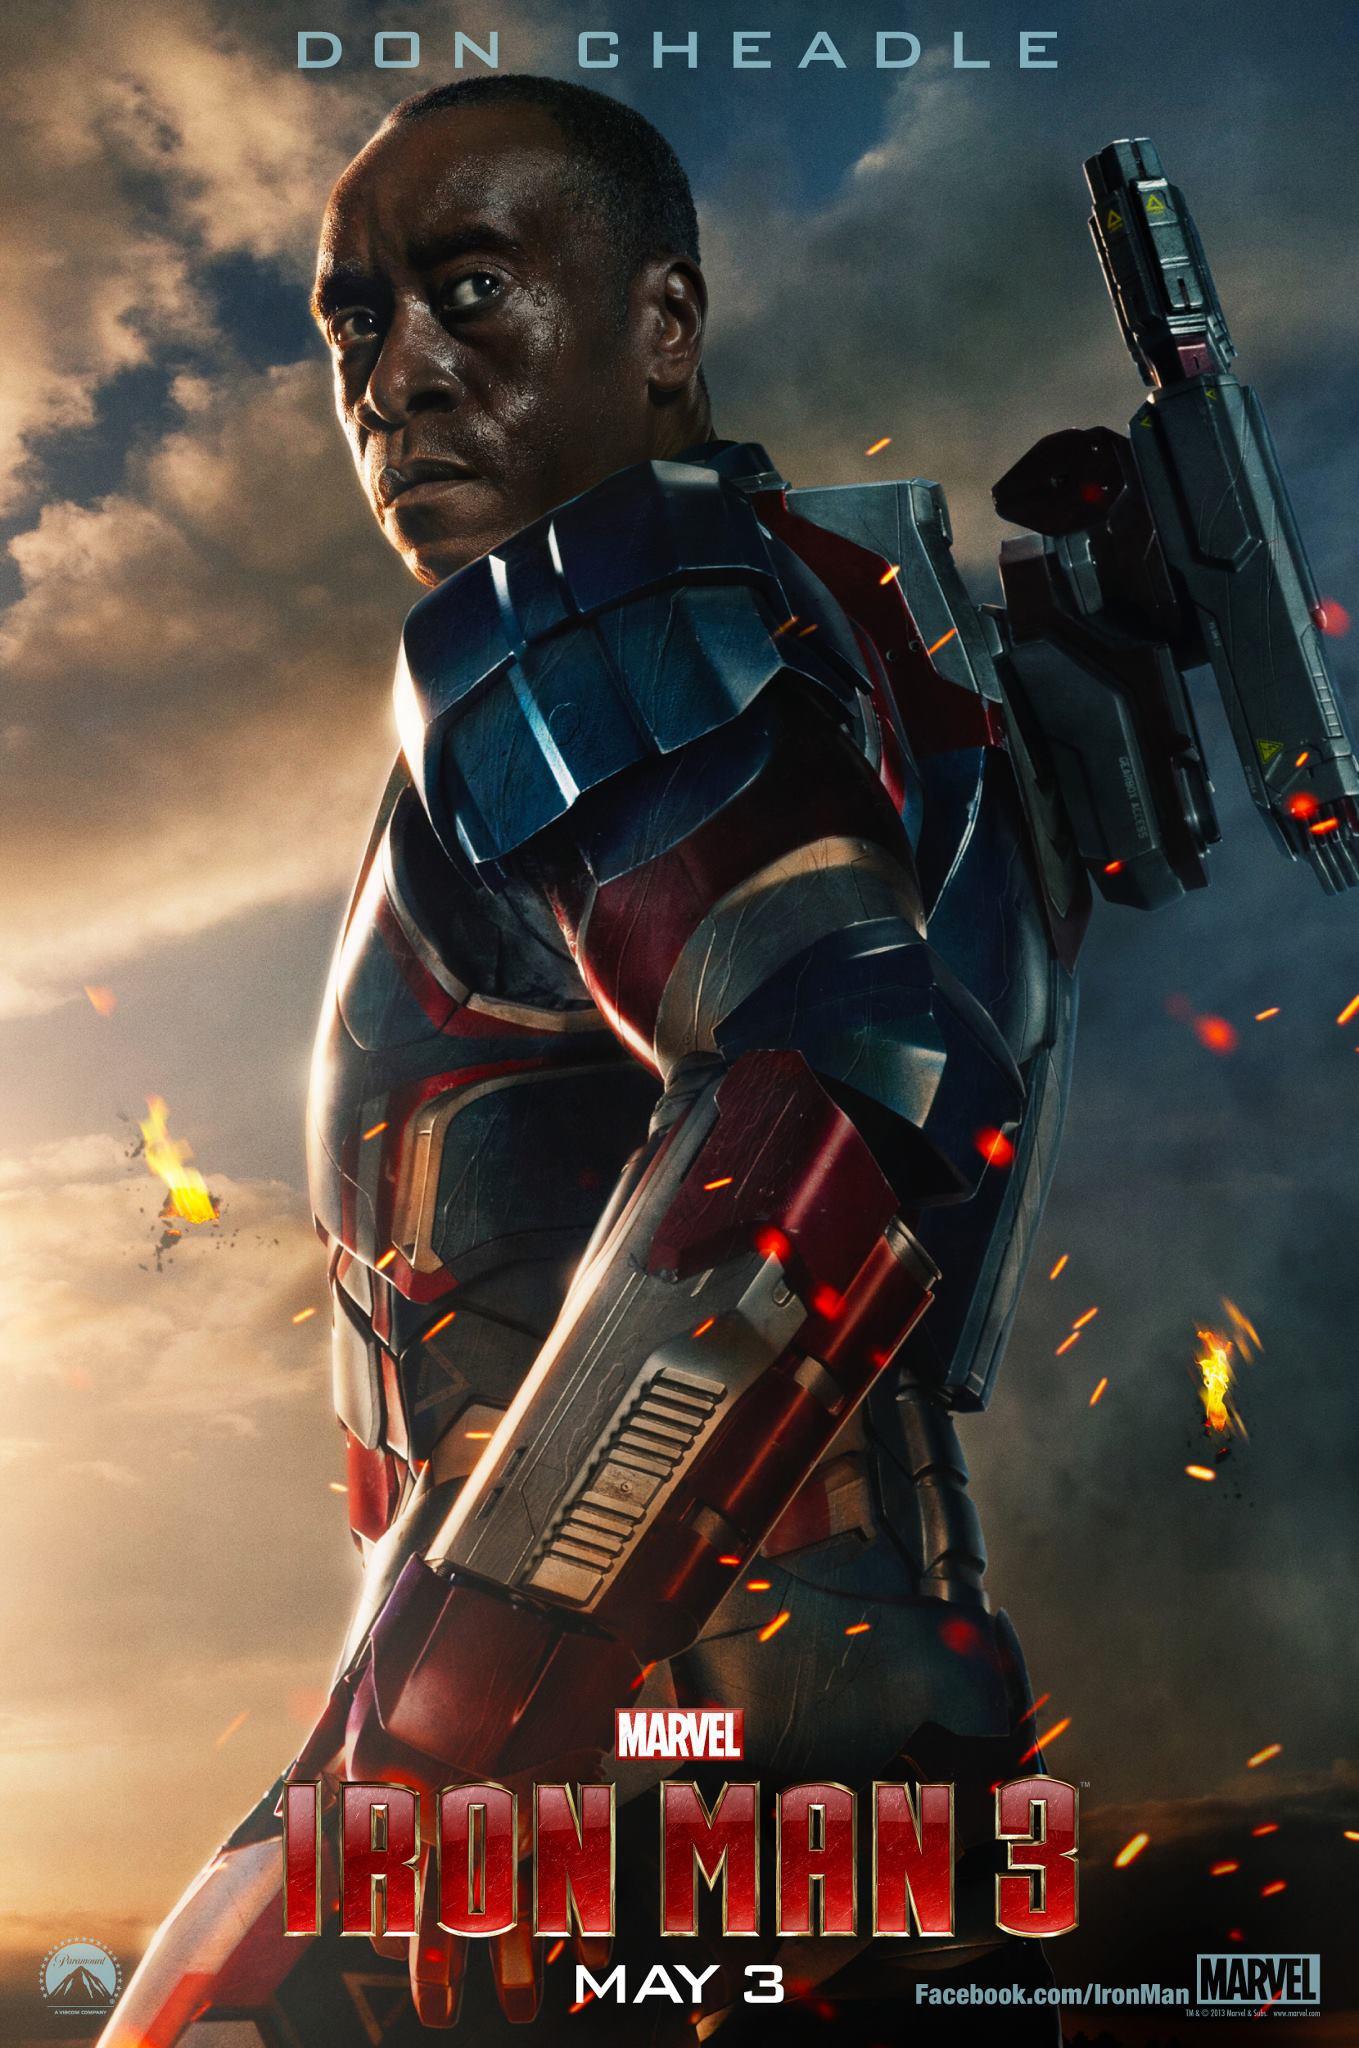 Iron Man 3 - Movie Poster #3 (Original)